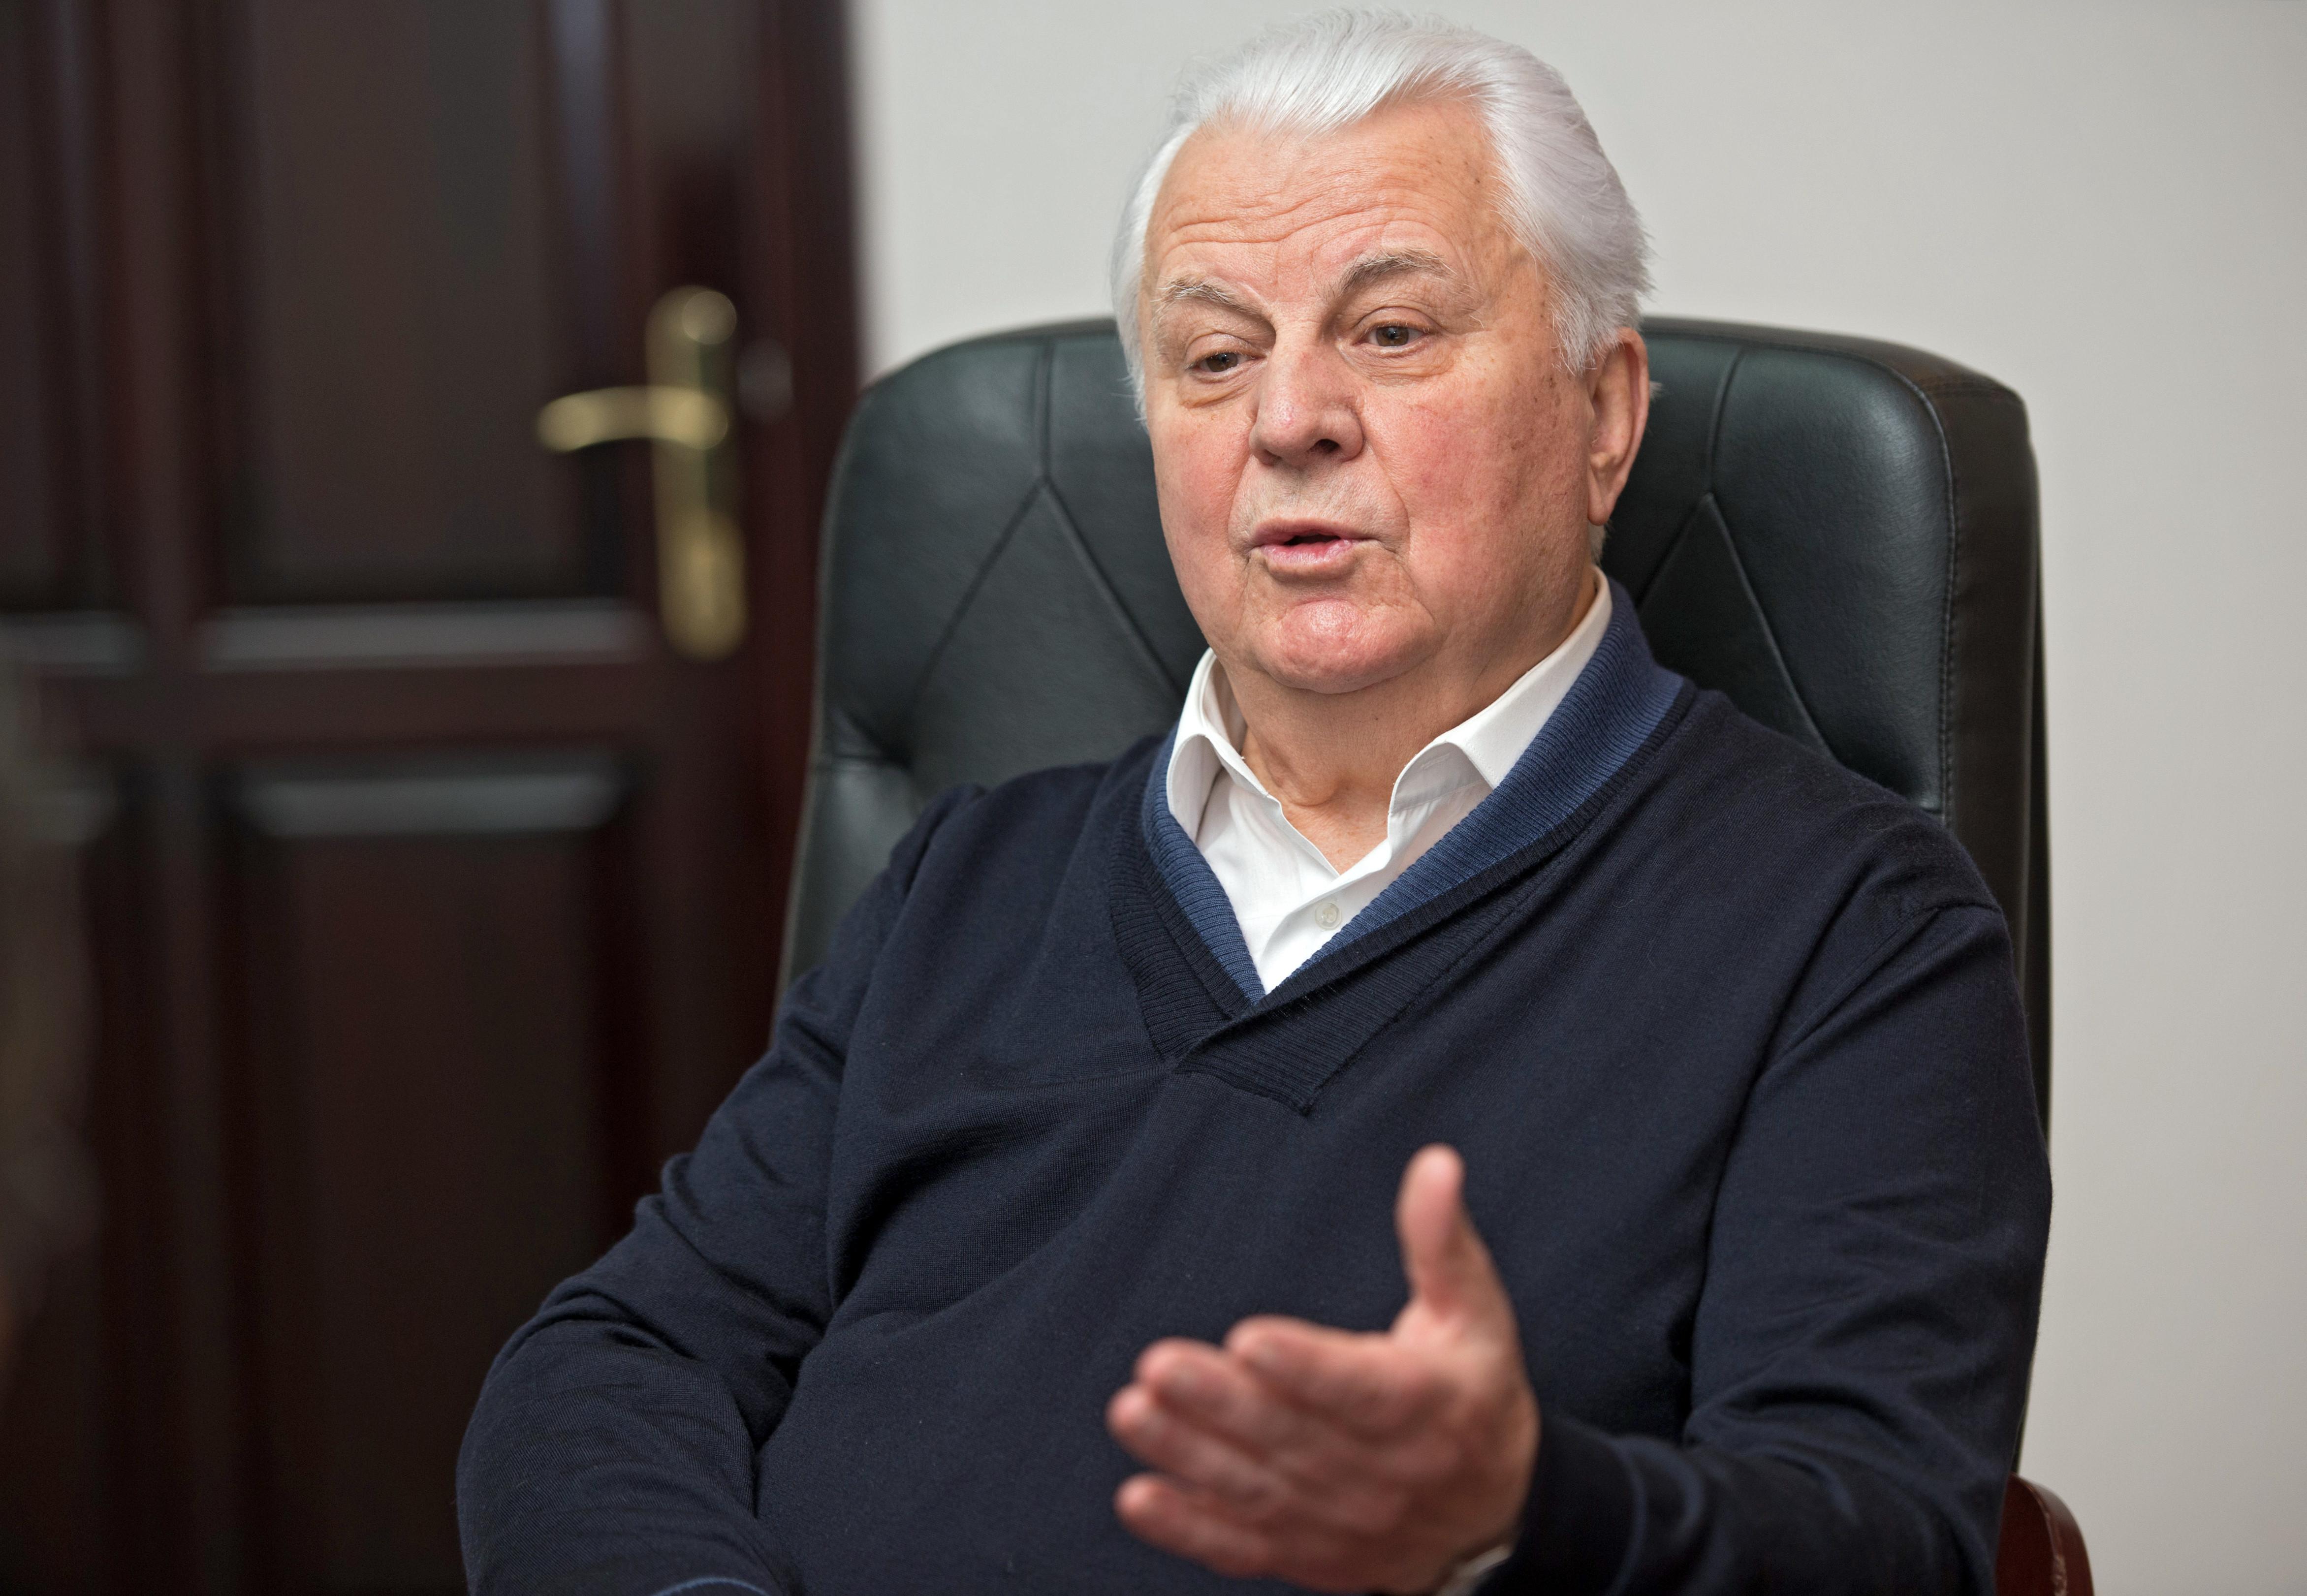 Кравчук выступил за перенос переговоров по Донбассу из Минска